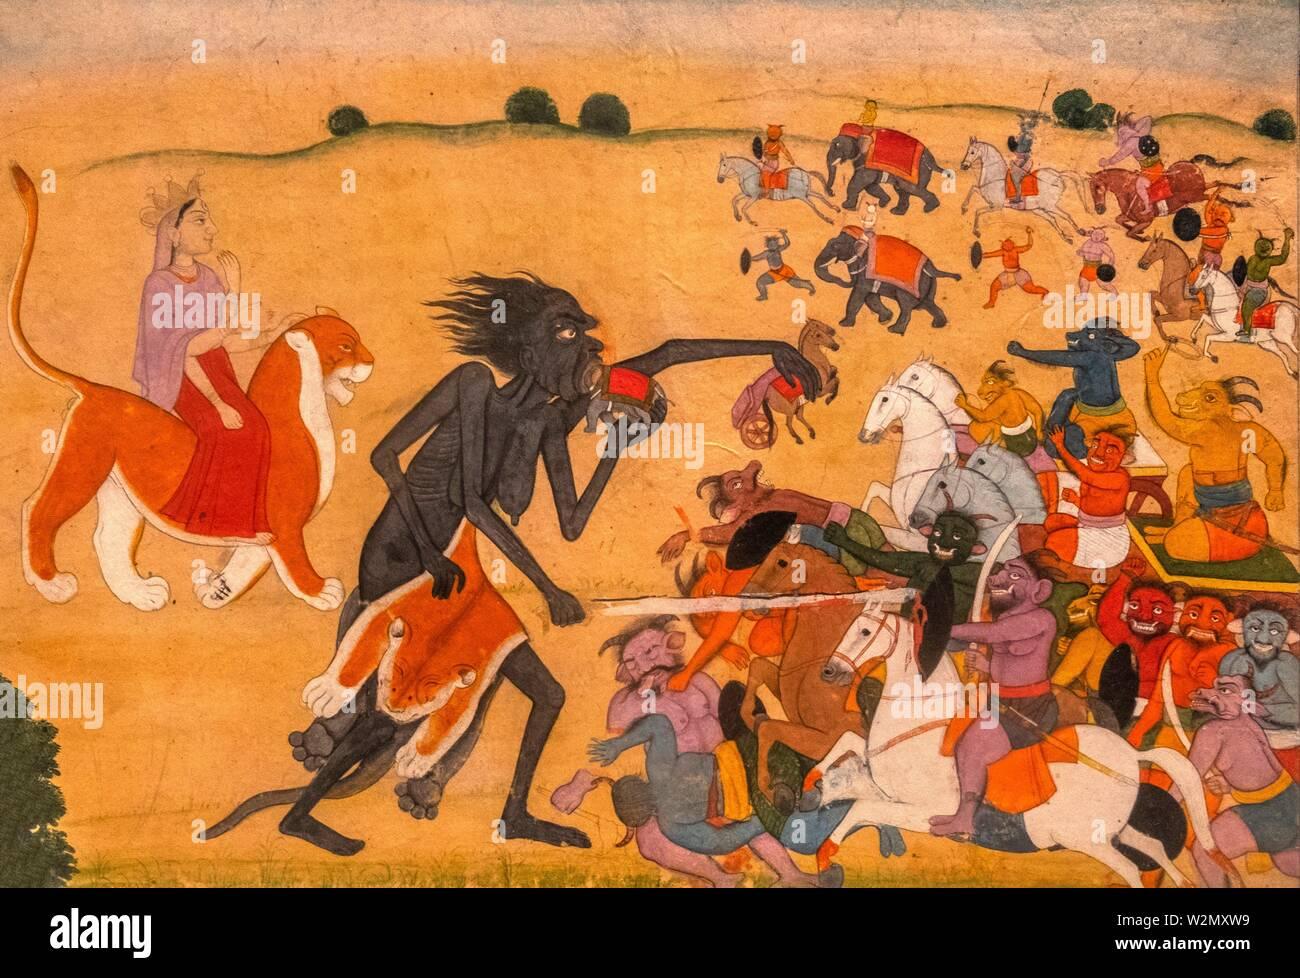 The Demon Kali Stock Photos & The Demon Kali Stock Images